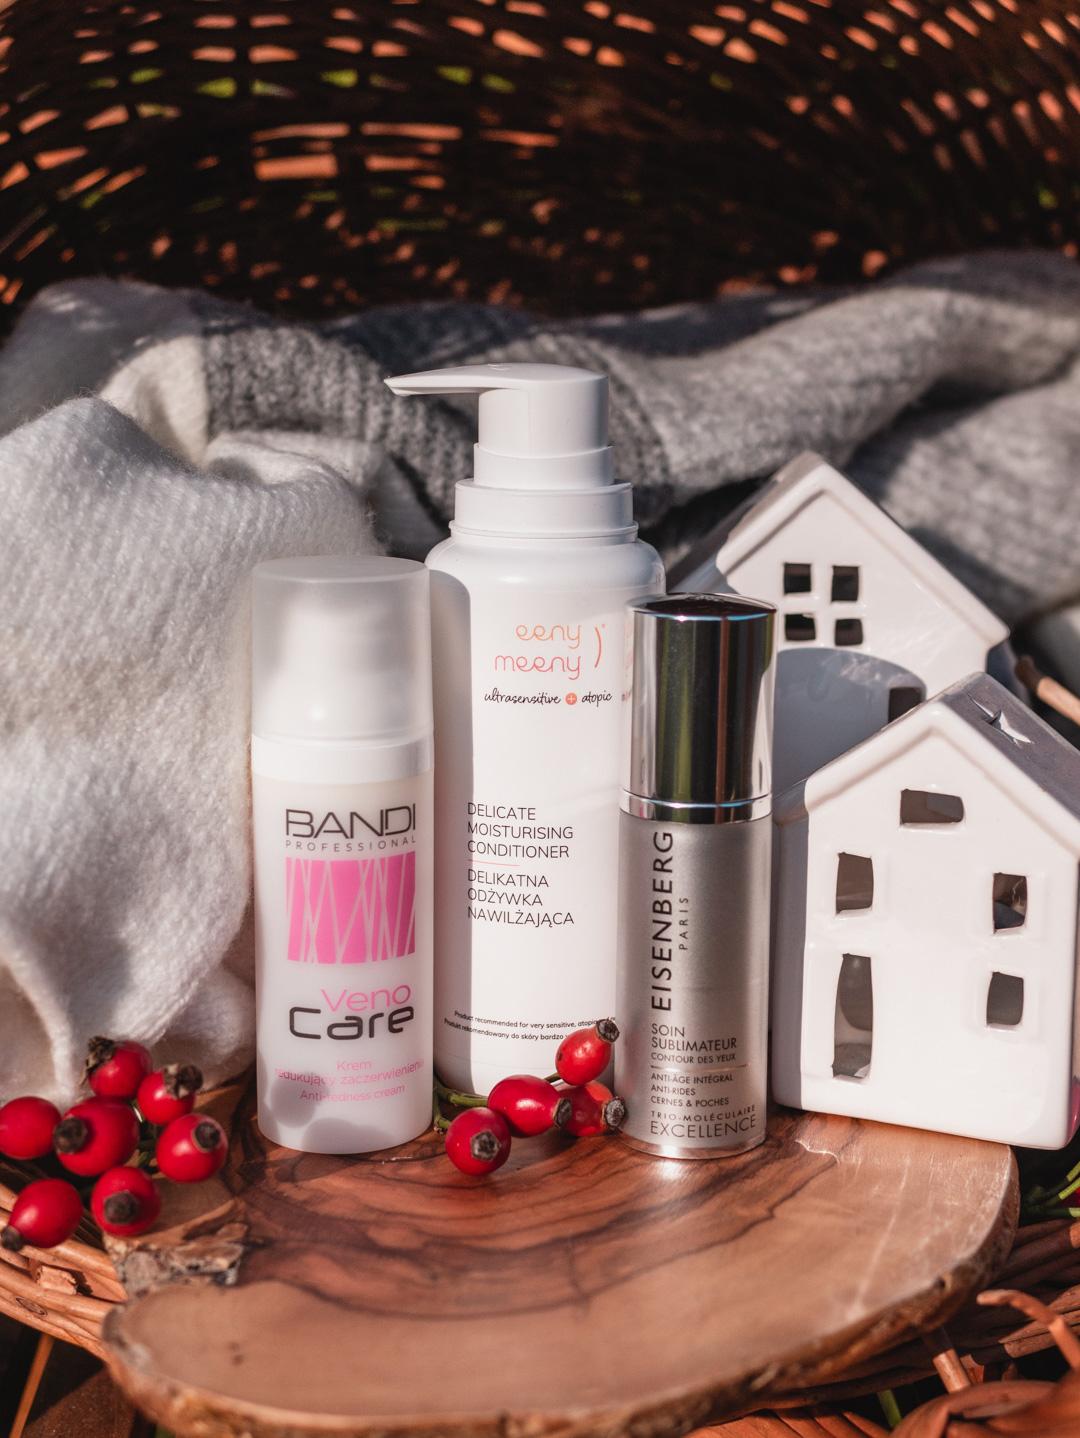 Ulubieńcy ostatnich miesięcy | Bandi Veno Care, Eisenberg Excellence Soin Sublimateur , Eeny Meeny, czyli Ochronny szampon nawilżający i Delikatna odżywka nawilżająca